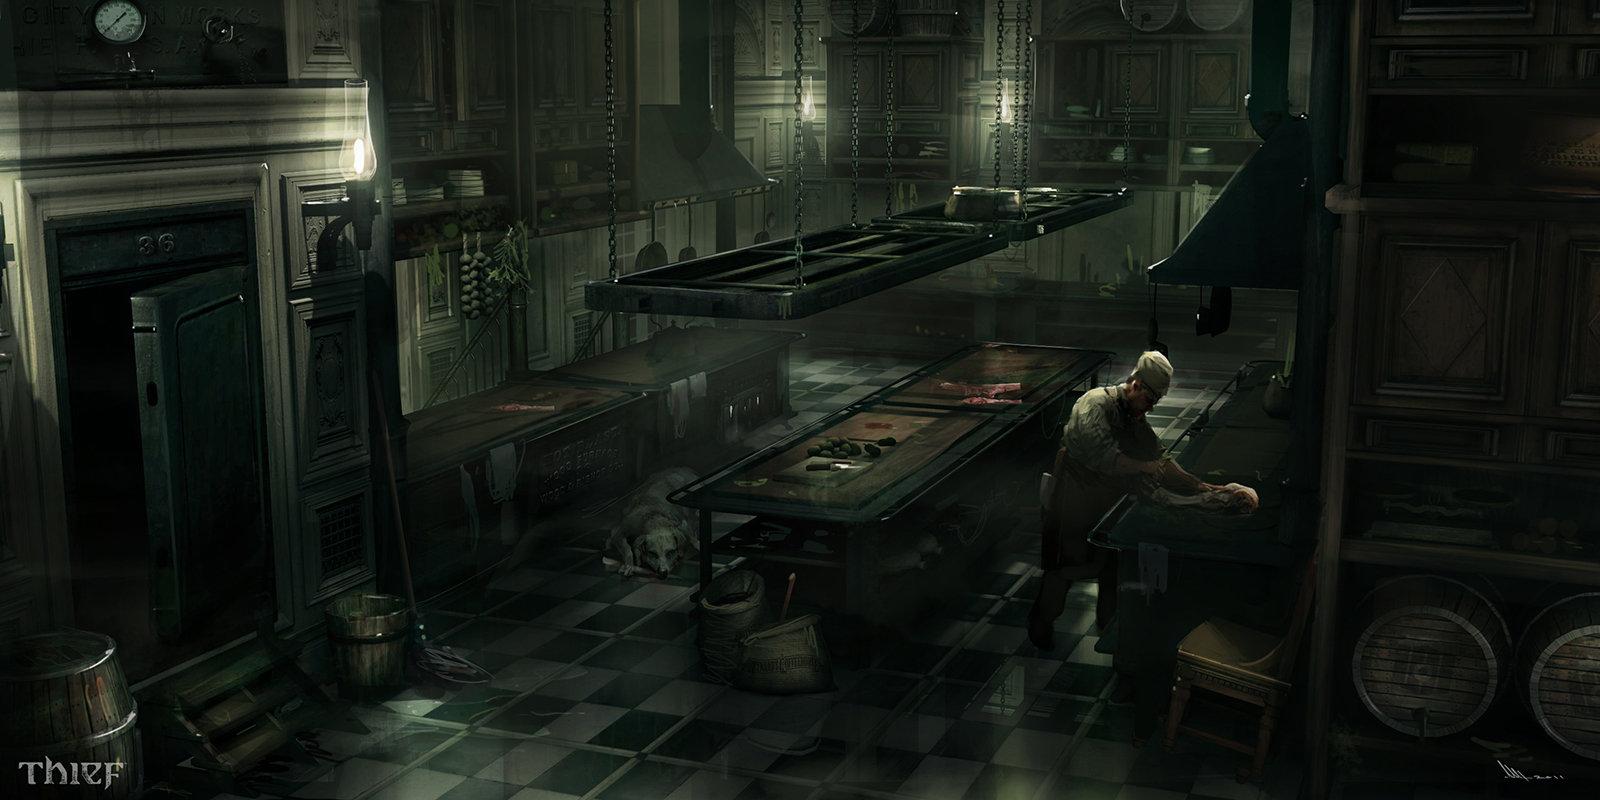 Mathieu latour duhaime architect house kitchen 2011s